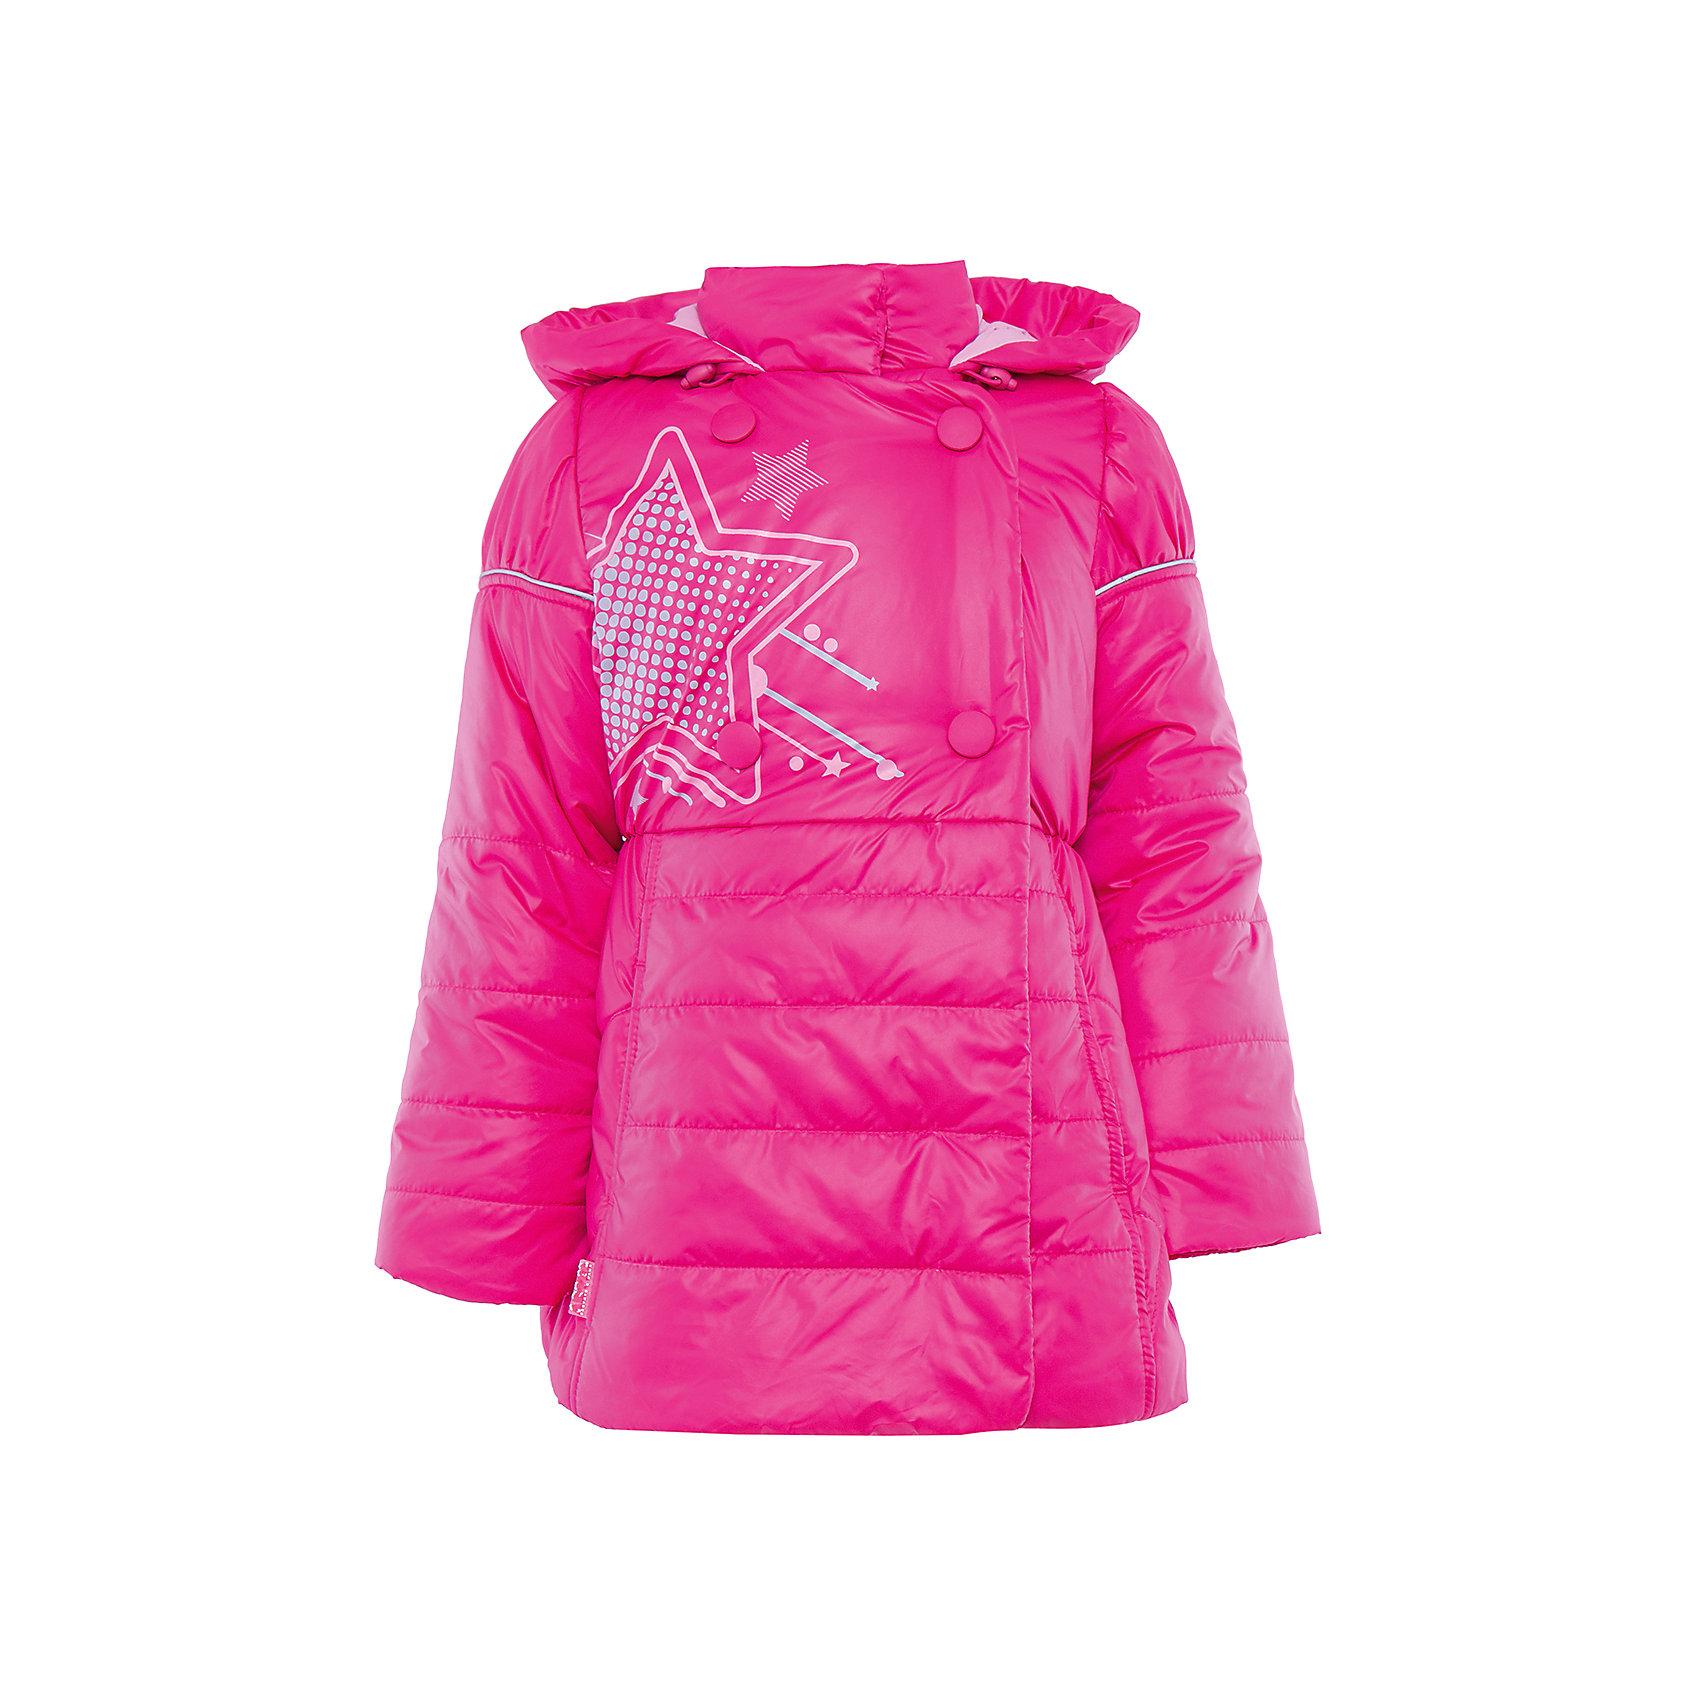 Куртка для девочки АртельВерхняя одежда<br>Куртка для девочки от известного бренда Артель<br>Стильная удлиненная двубортная куртка на девочку. Капюшон втачной с отворотом в виде буфа. Манжета рукава регулируется по длине. По линии талии сторочка с резинкой. <br>Состав:<br>Верх: YSD 819<br>Подкладка: интерлок, тиси<br>Утеплитель: термофайбер 200гр<br><br>Ширина мм: 356<br>Глубина мм: 10<br>Высота мм: 245<br>Вес г: 519<br>Цвет: розовый<br>Возраст от месяцев: 60<br>Возраст до месяцев: 72<br>Пол: Женский<br>Возраст: Детский<br>Размер: 116,128,104,110,122<br>SKU: 4963654